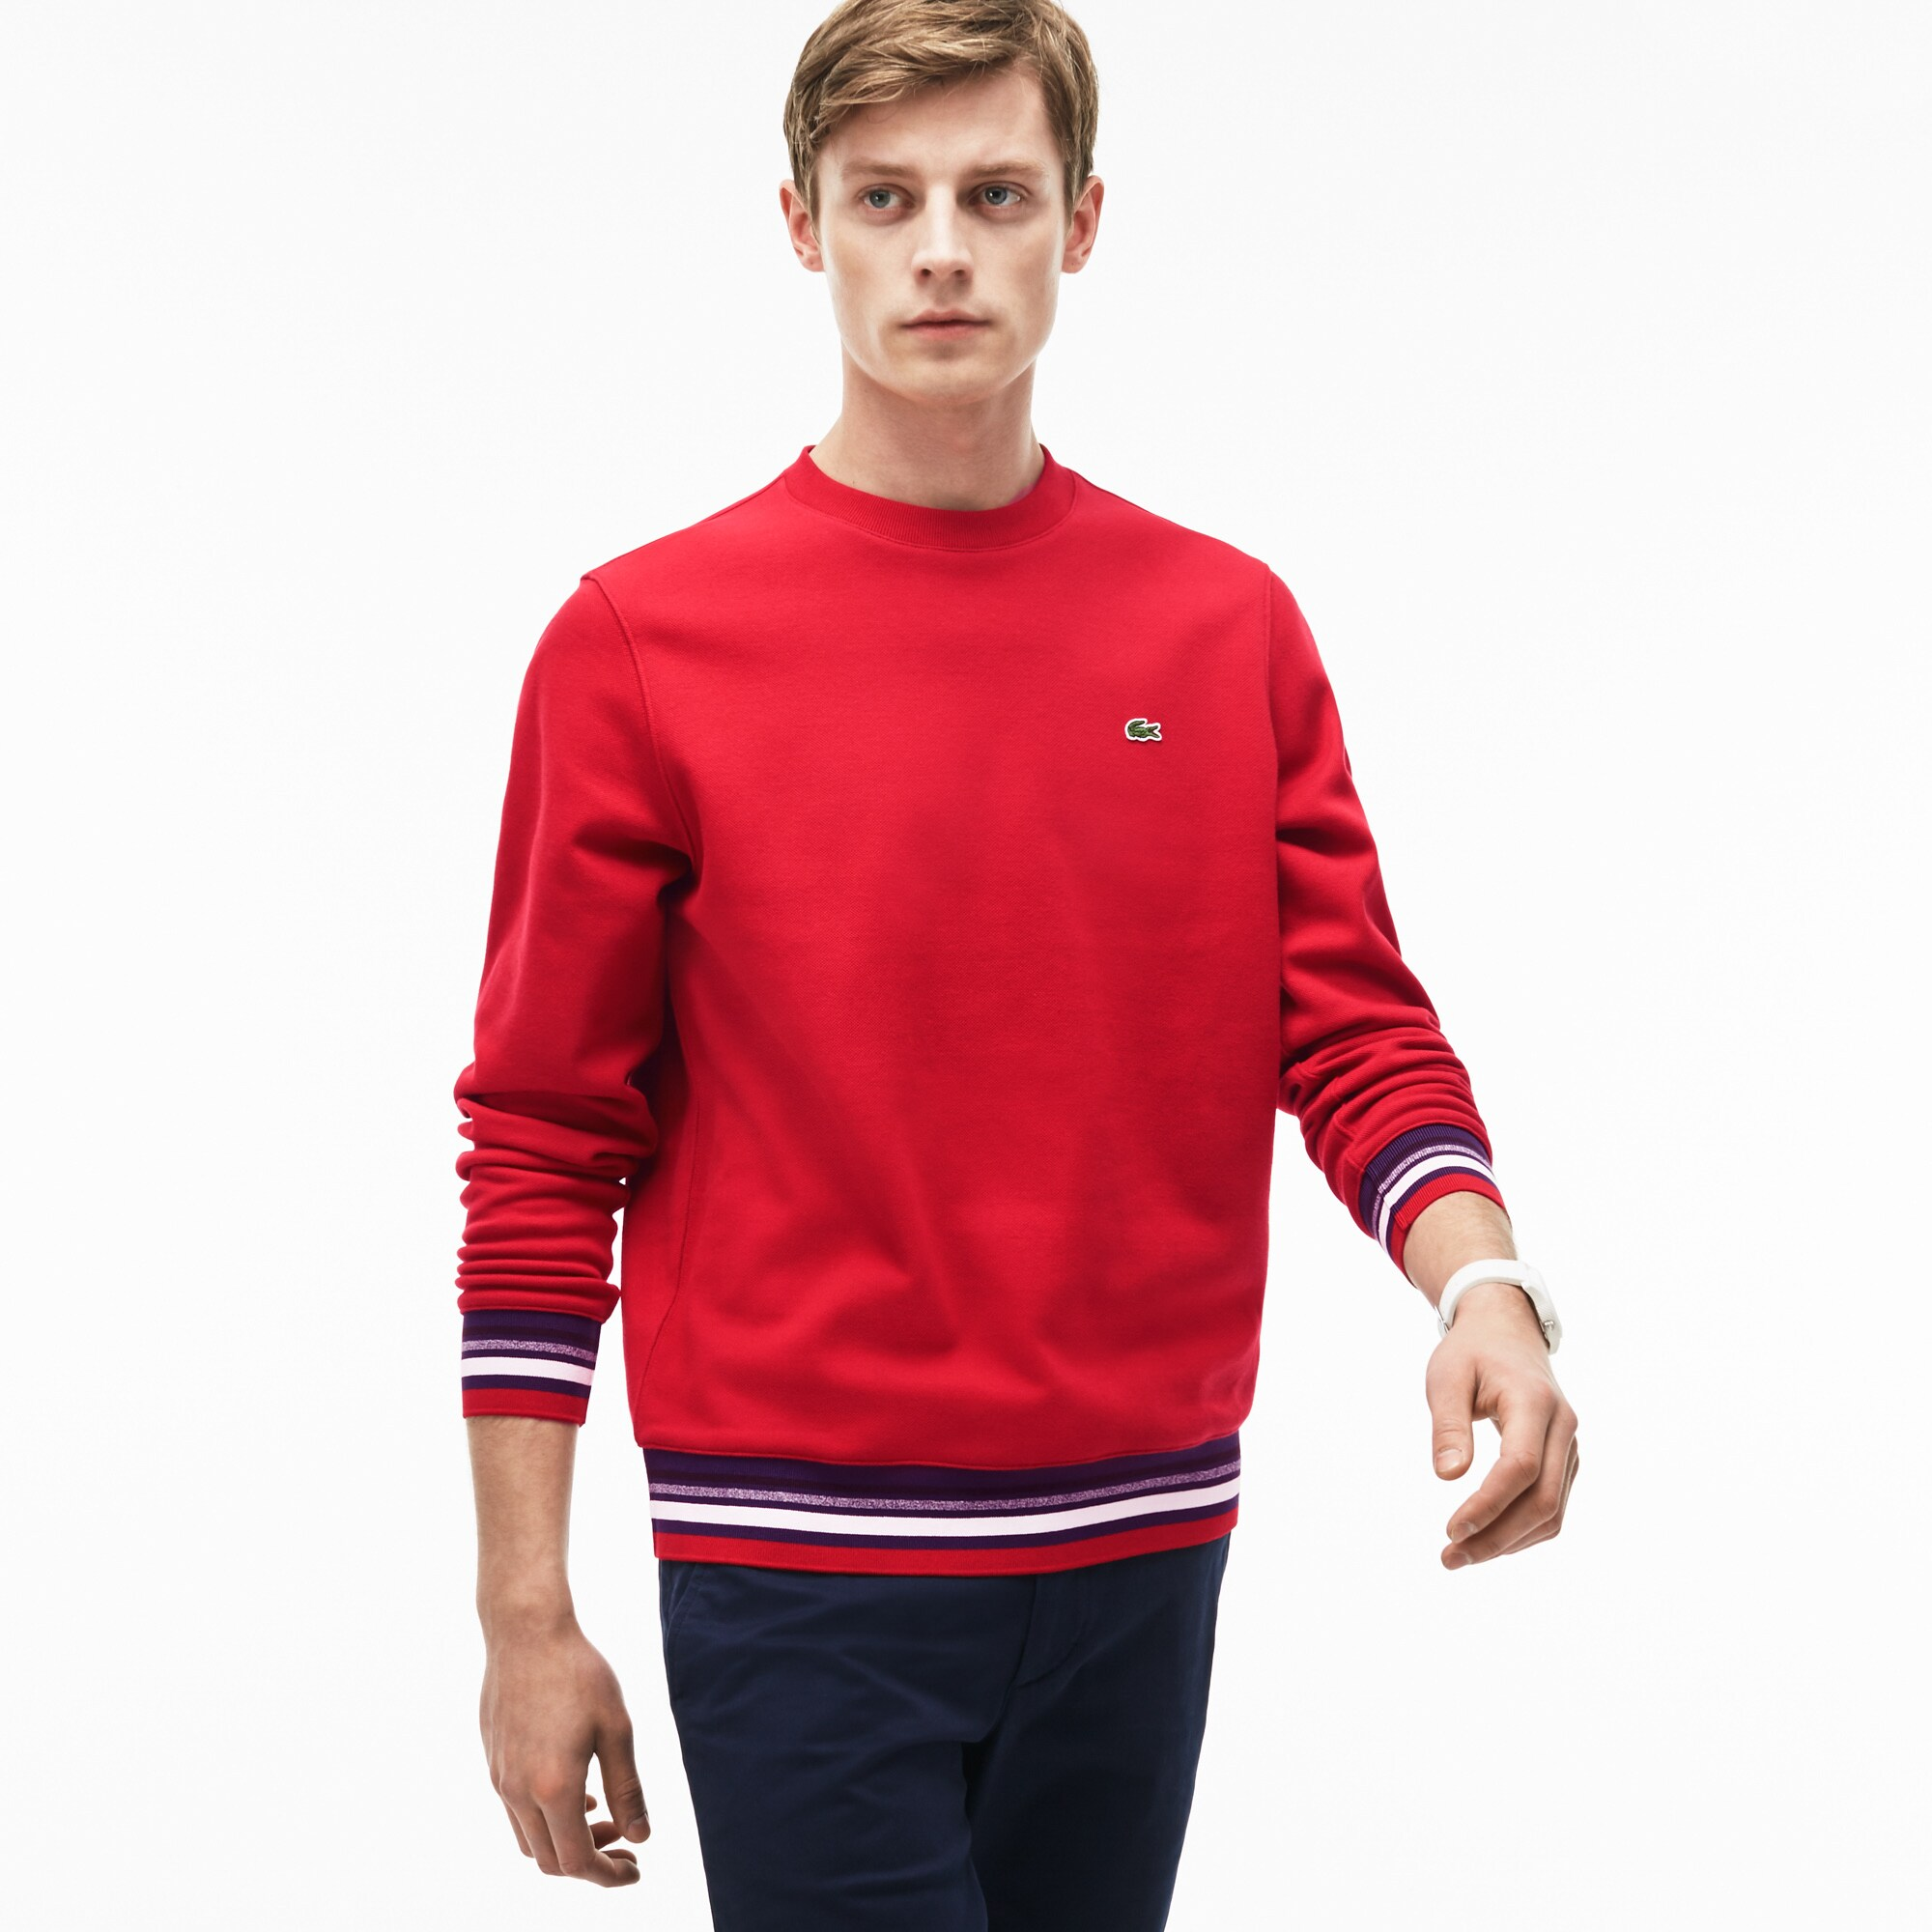 Men's Striped Accent Fleece Sweatshirt